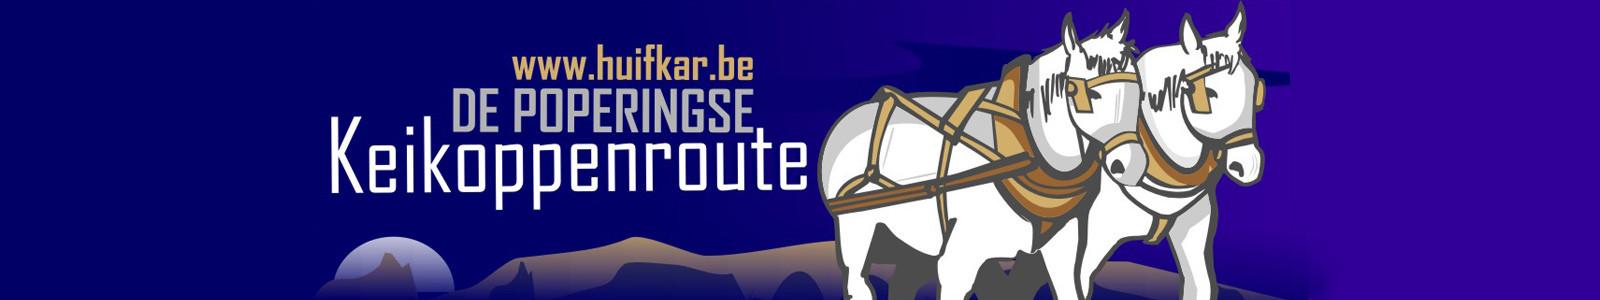 logo-header-mobile.jpg